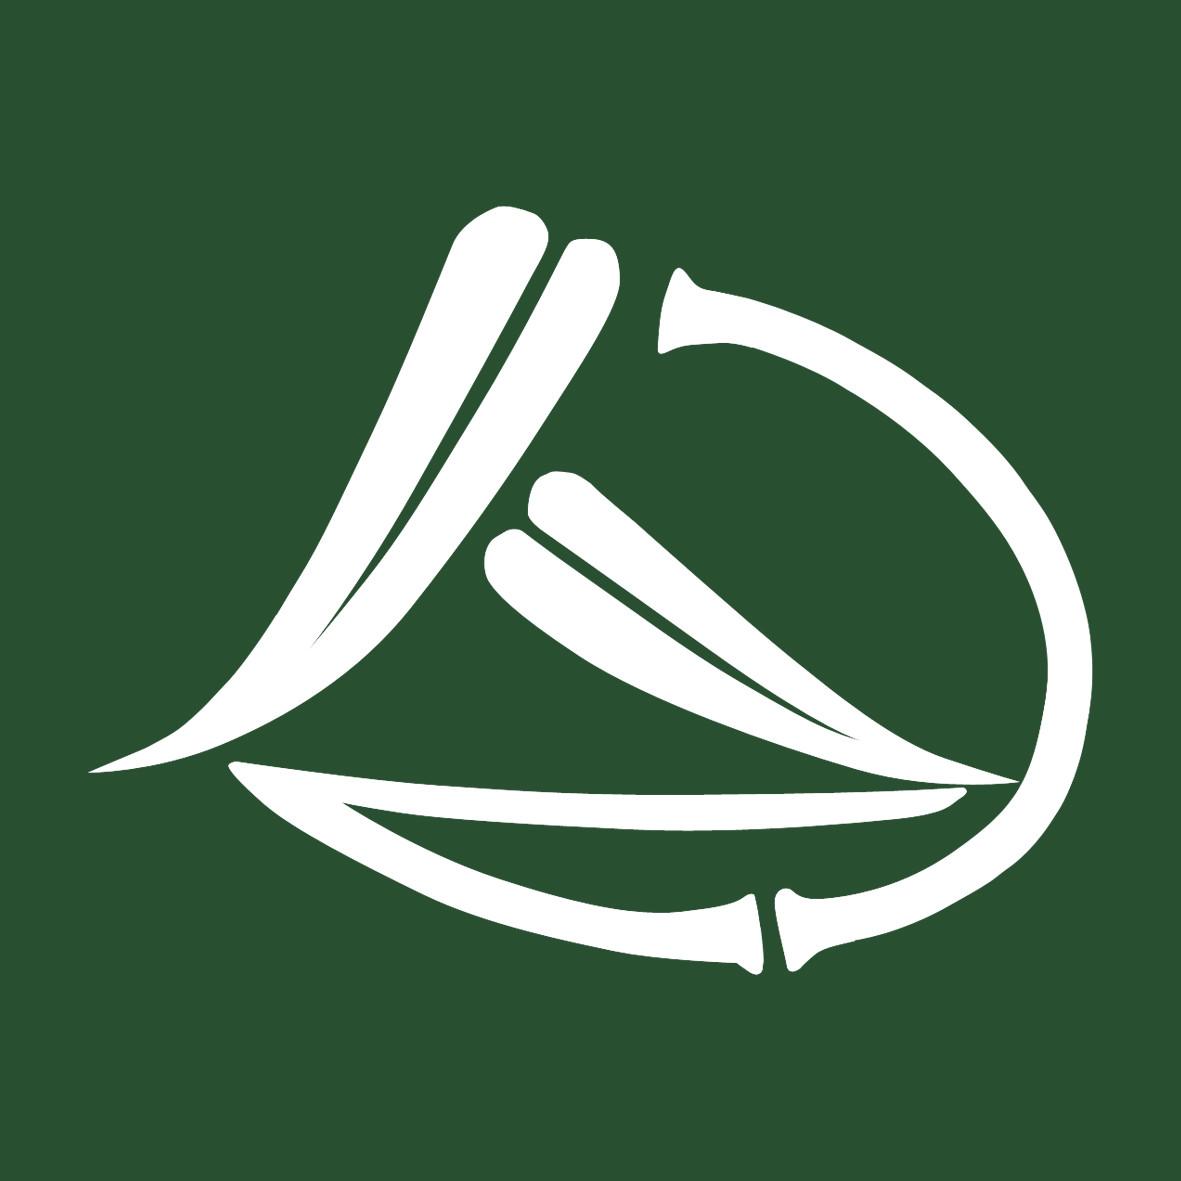 铁岭淡竹教育集团logo